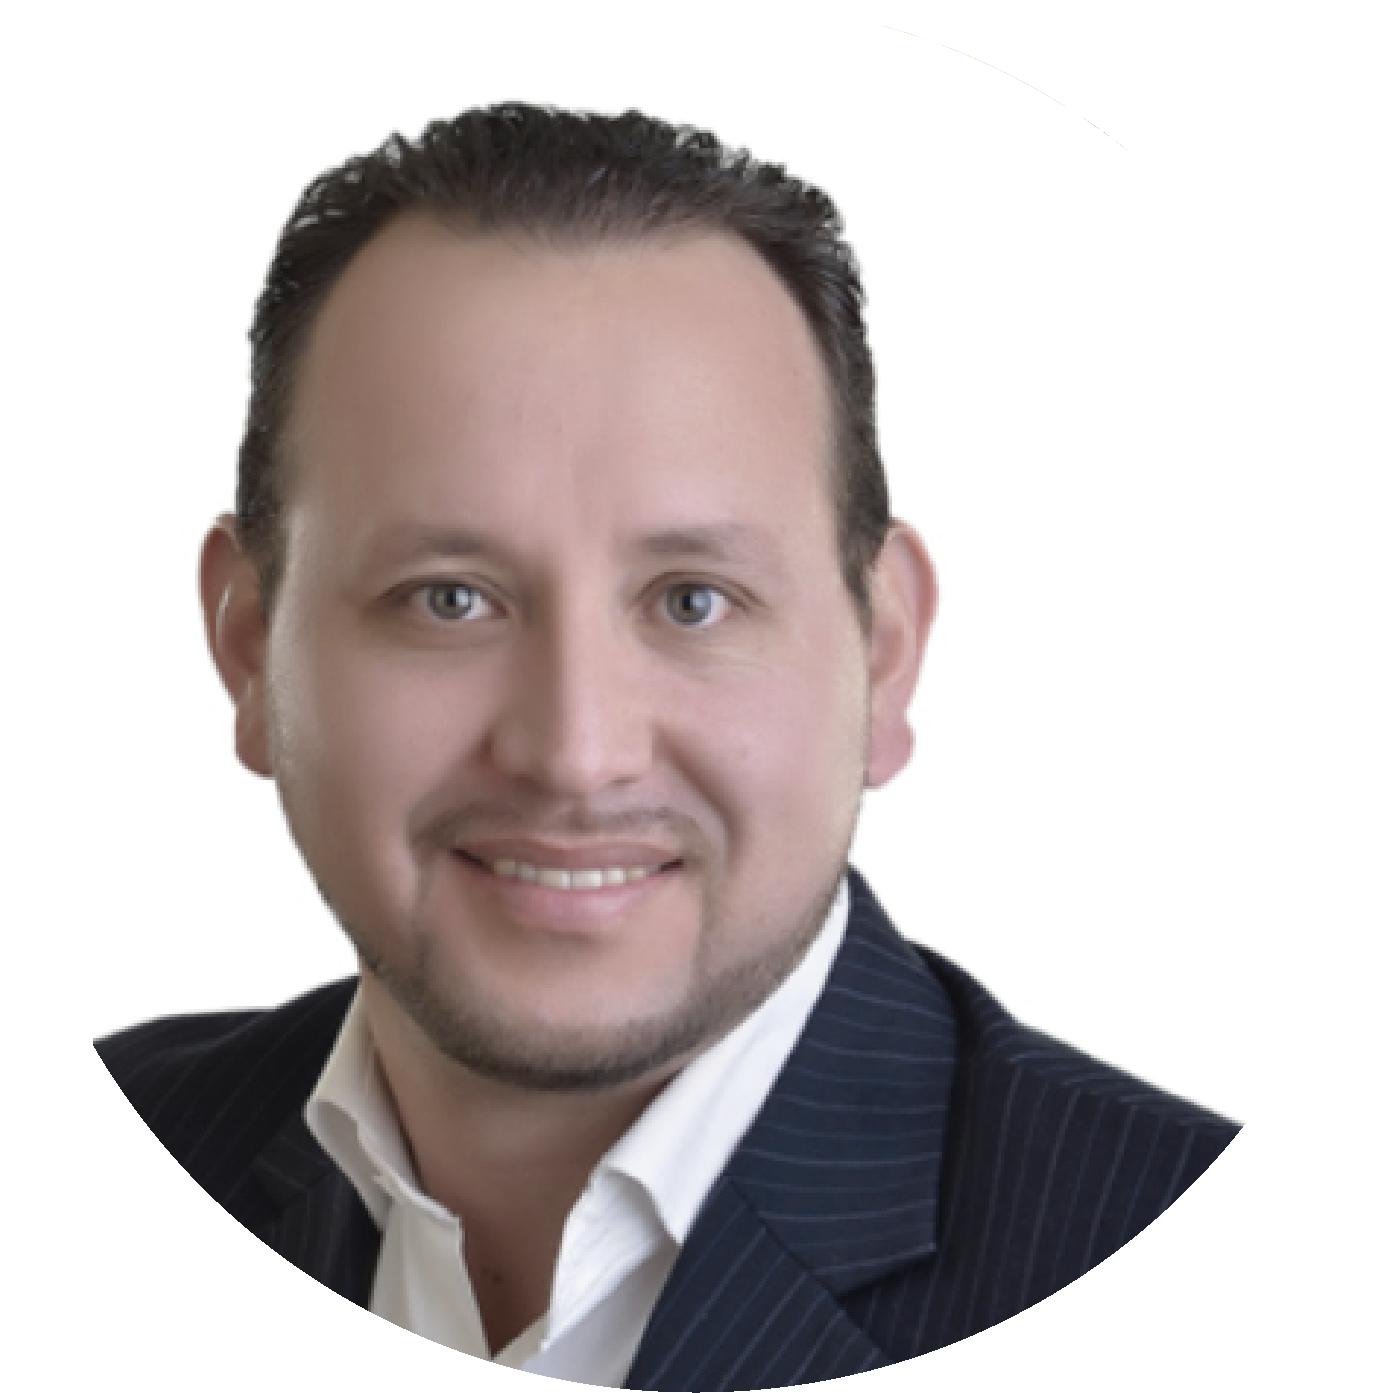 Leonardo Ramírez Sustaita - Maestro en Programación Neurolingüística e Inteligencia Emocional.Ha diseñado e impartido diplomados que contribuyan con los modelos de pensamiento actuales basados en Coaching Ontológico, PNL, Inteligencia Emocional y Neurociencias.Coordinador de especialistas del área de mantenimiento de fundición en Volkswagen de México por 10 años.